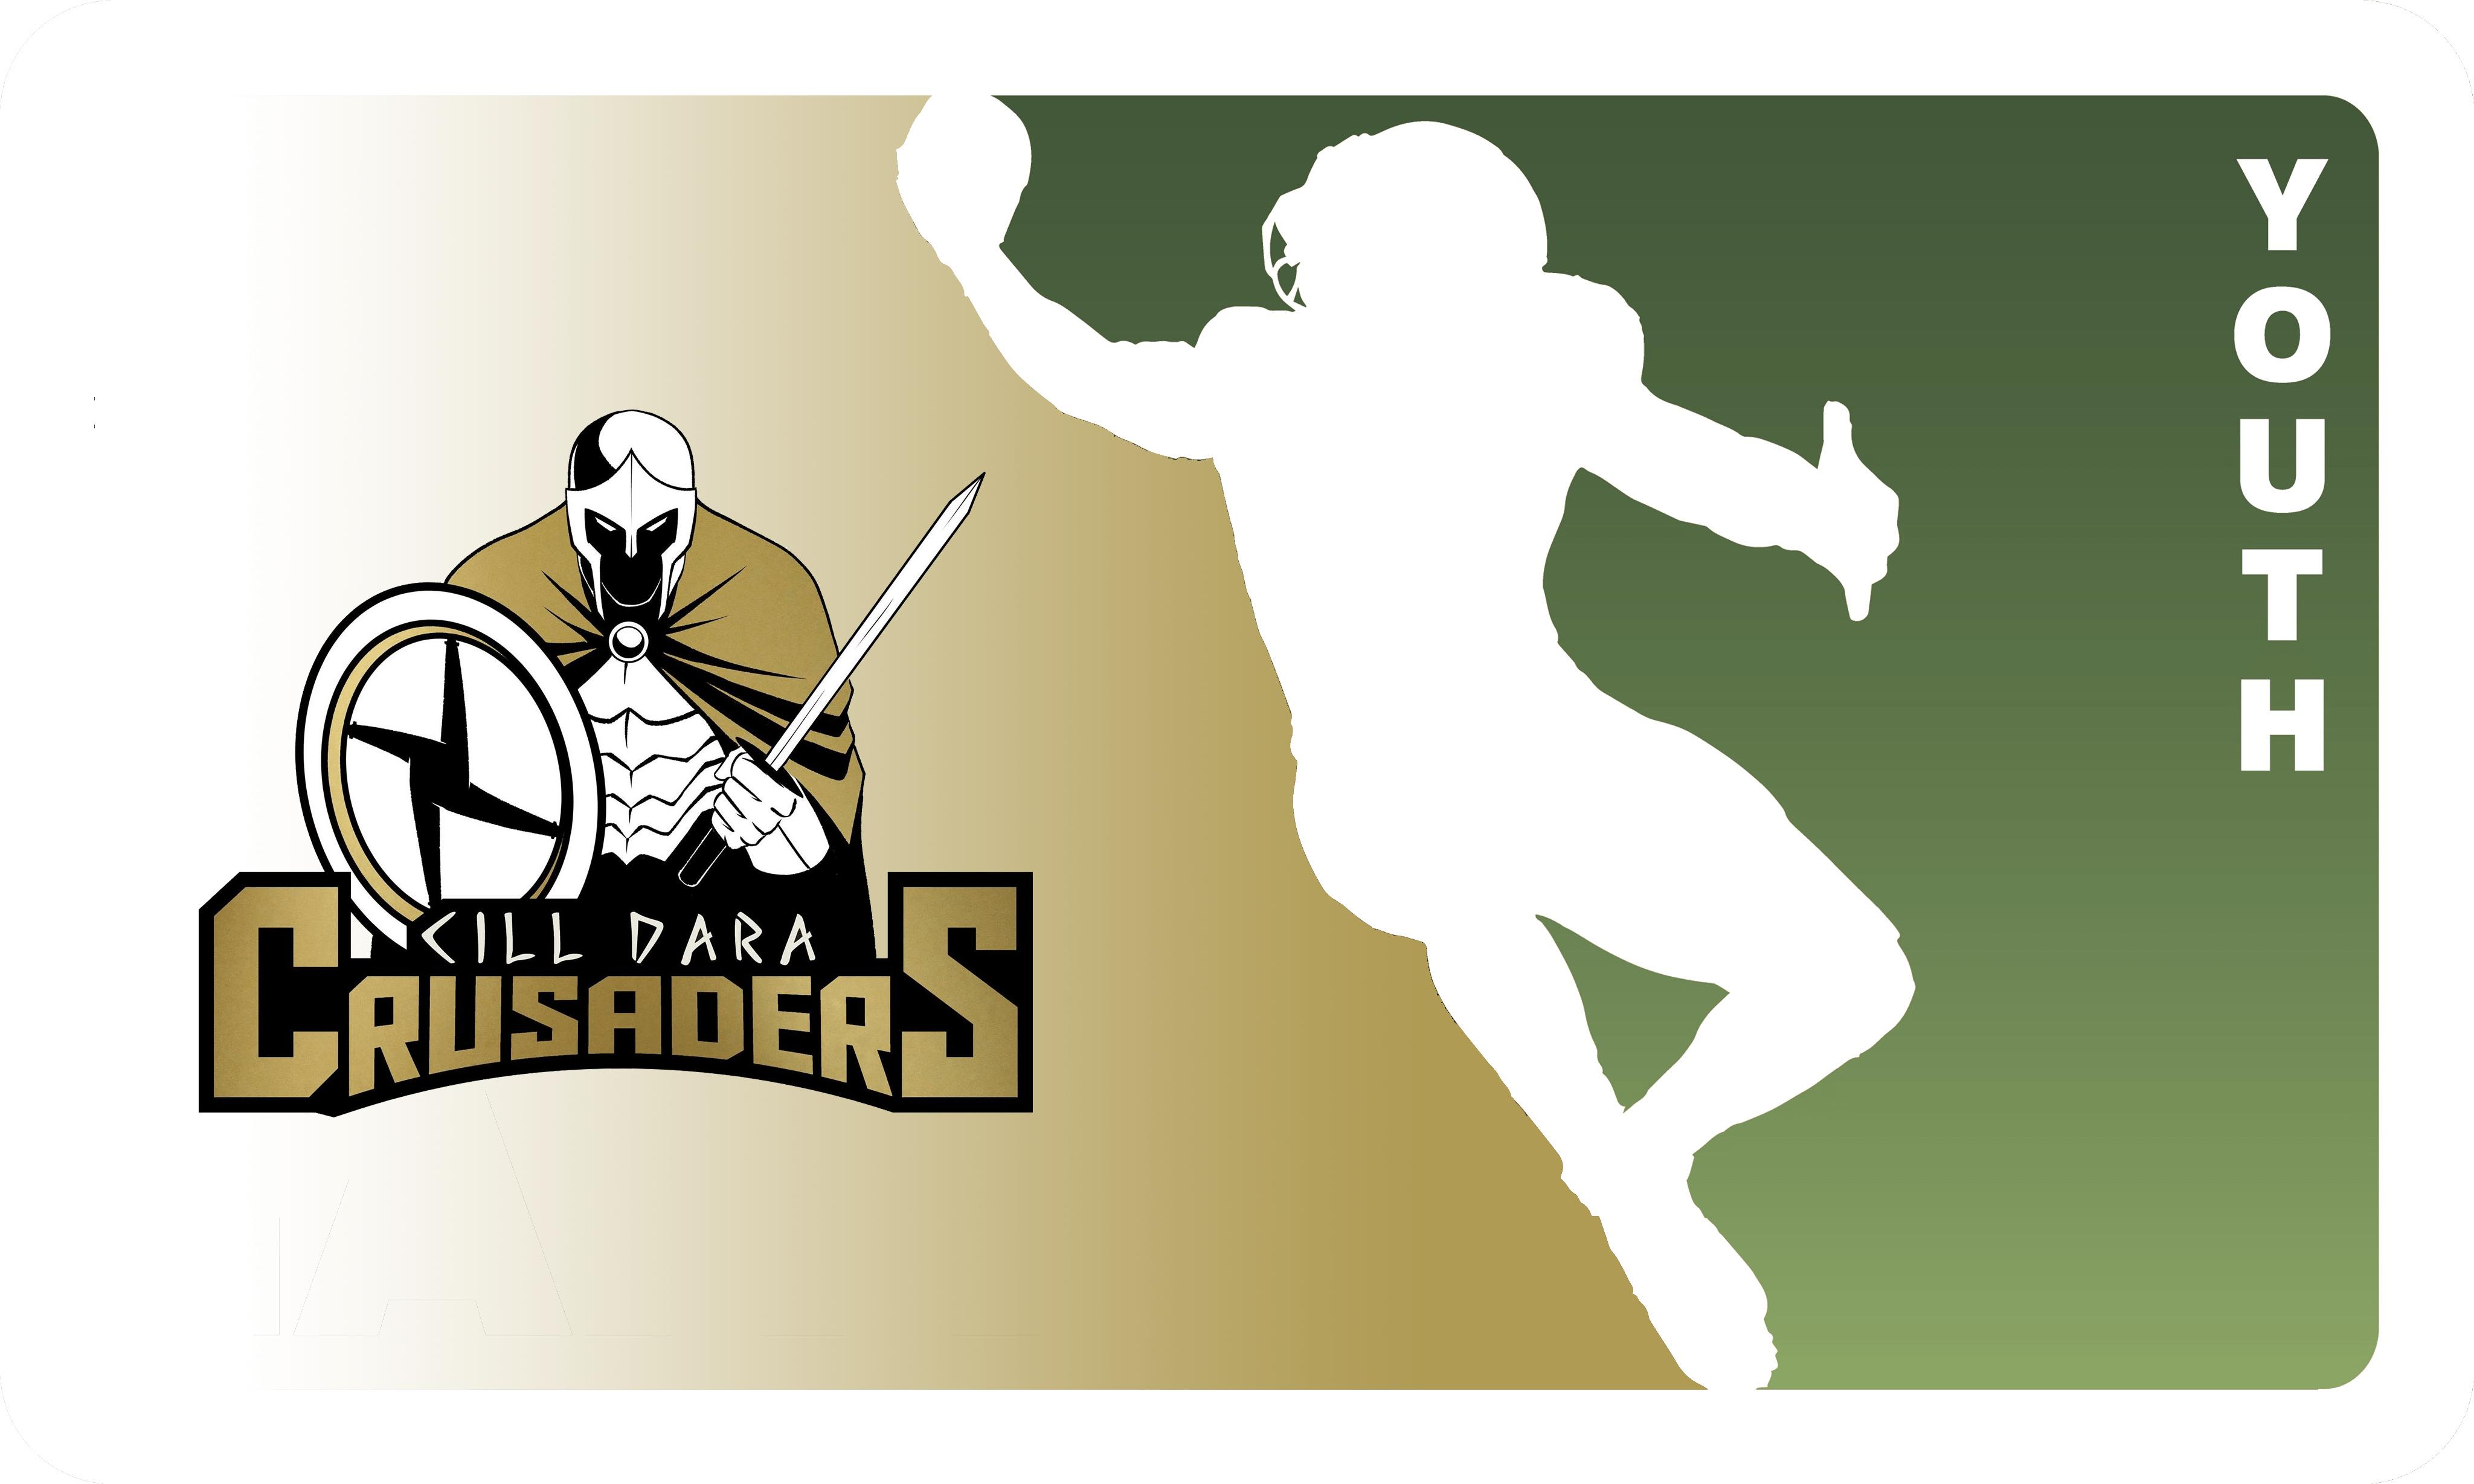 Youth League 2019: Cill Dara Crusaders